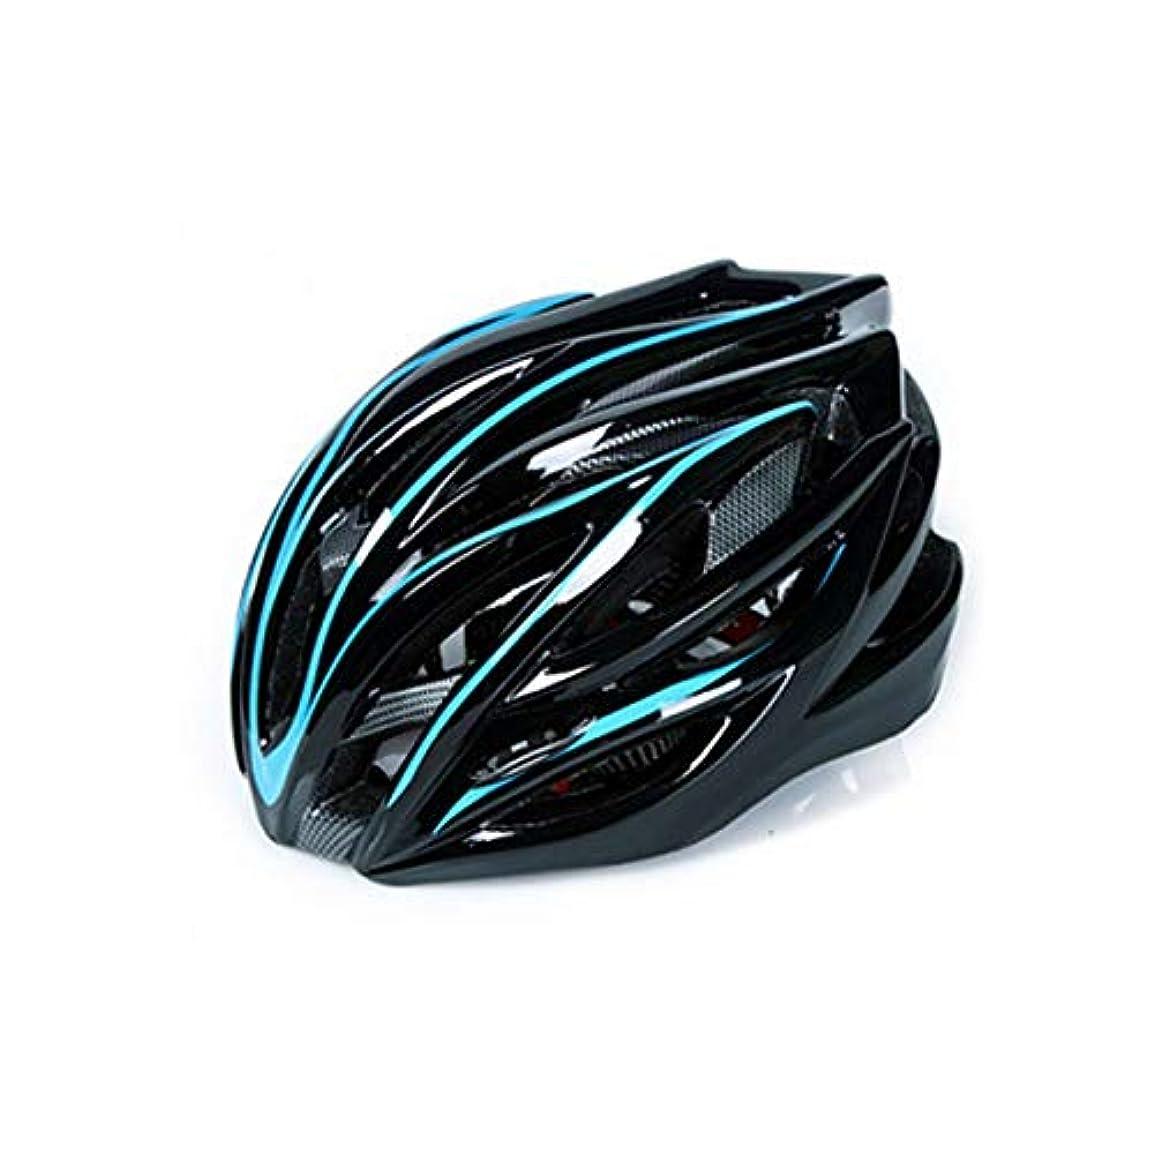 倫理的肥料蜜CQIANG エアフロー自転車用ヘルメット、インモールド補強スケルトン、追加保護、For 54-62 Cmヘッドの円周に適し、黄色、赤、緑、青 ComfortSafety